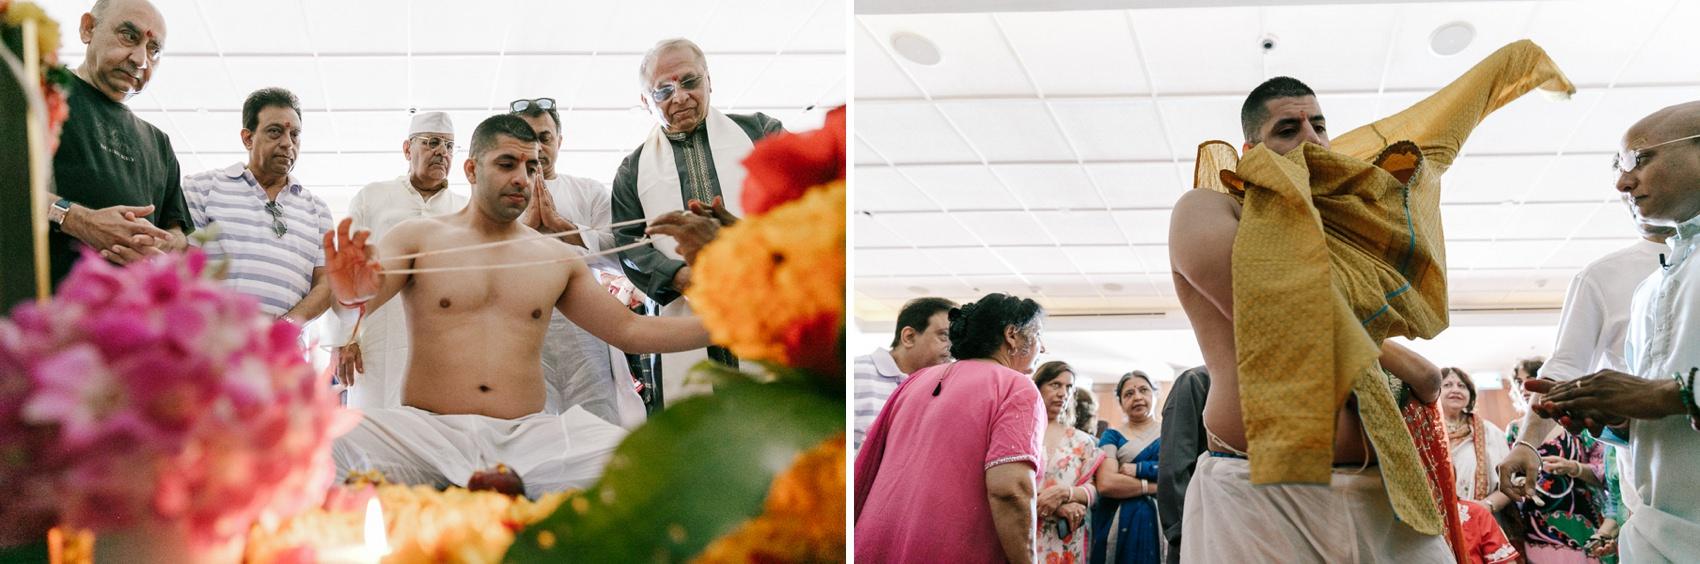 Indian-Wedding-Photography-Maala-Rohan_0083